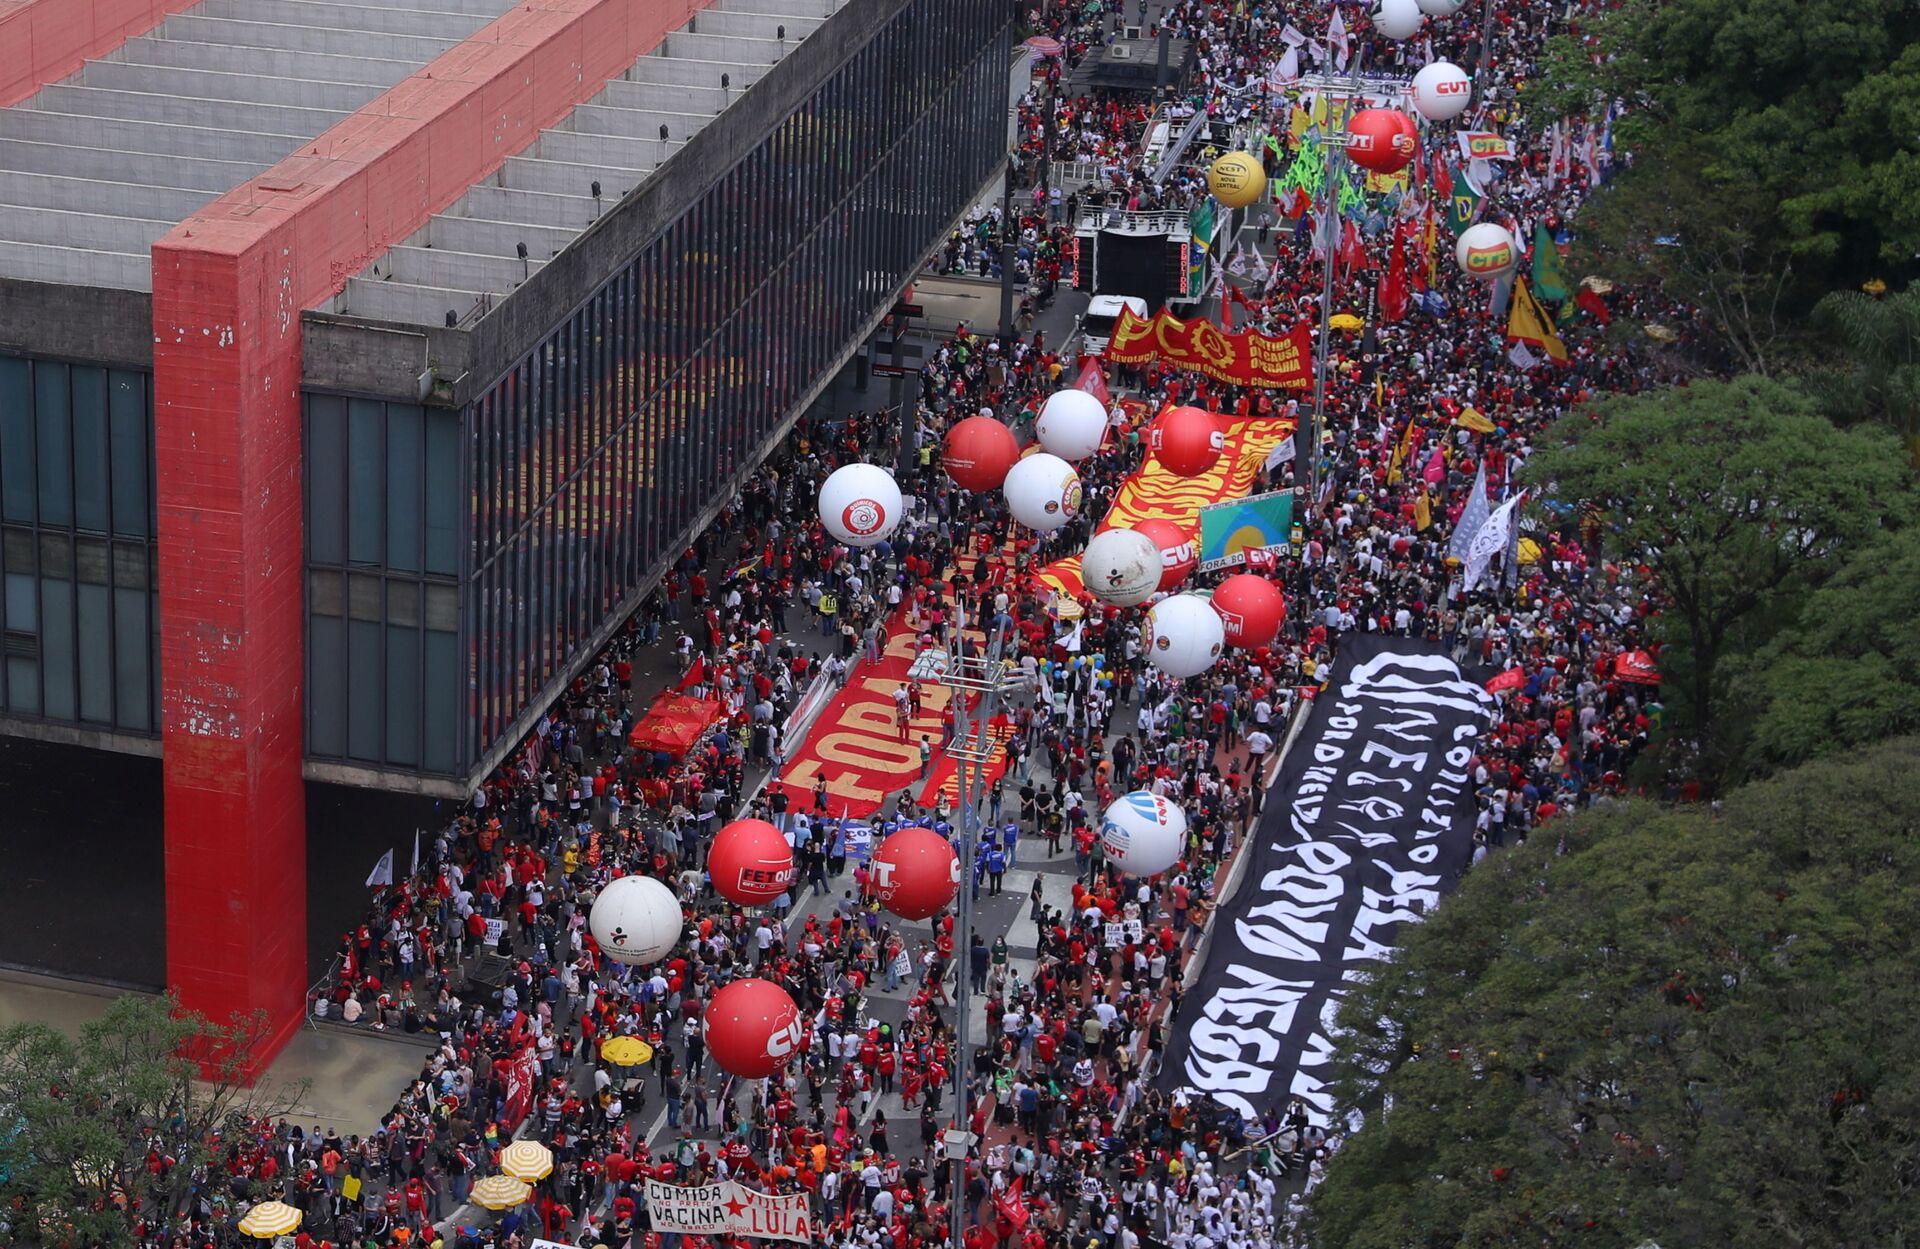 Biểu tình sôi sục ở các thành phố Brazil đòi luận tội Tổng thống - Sputnik Việt Nam, 1920, 05.10.2021